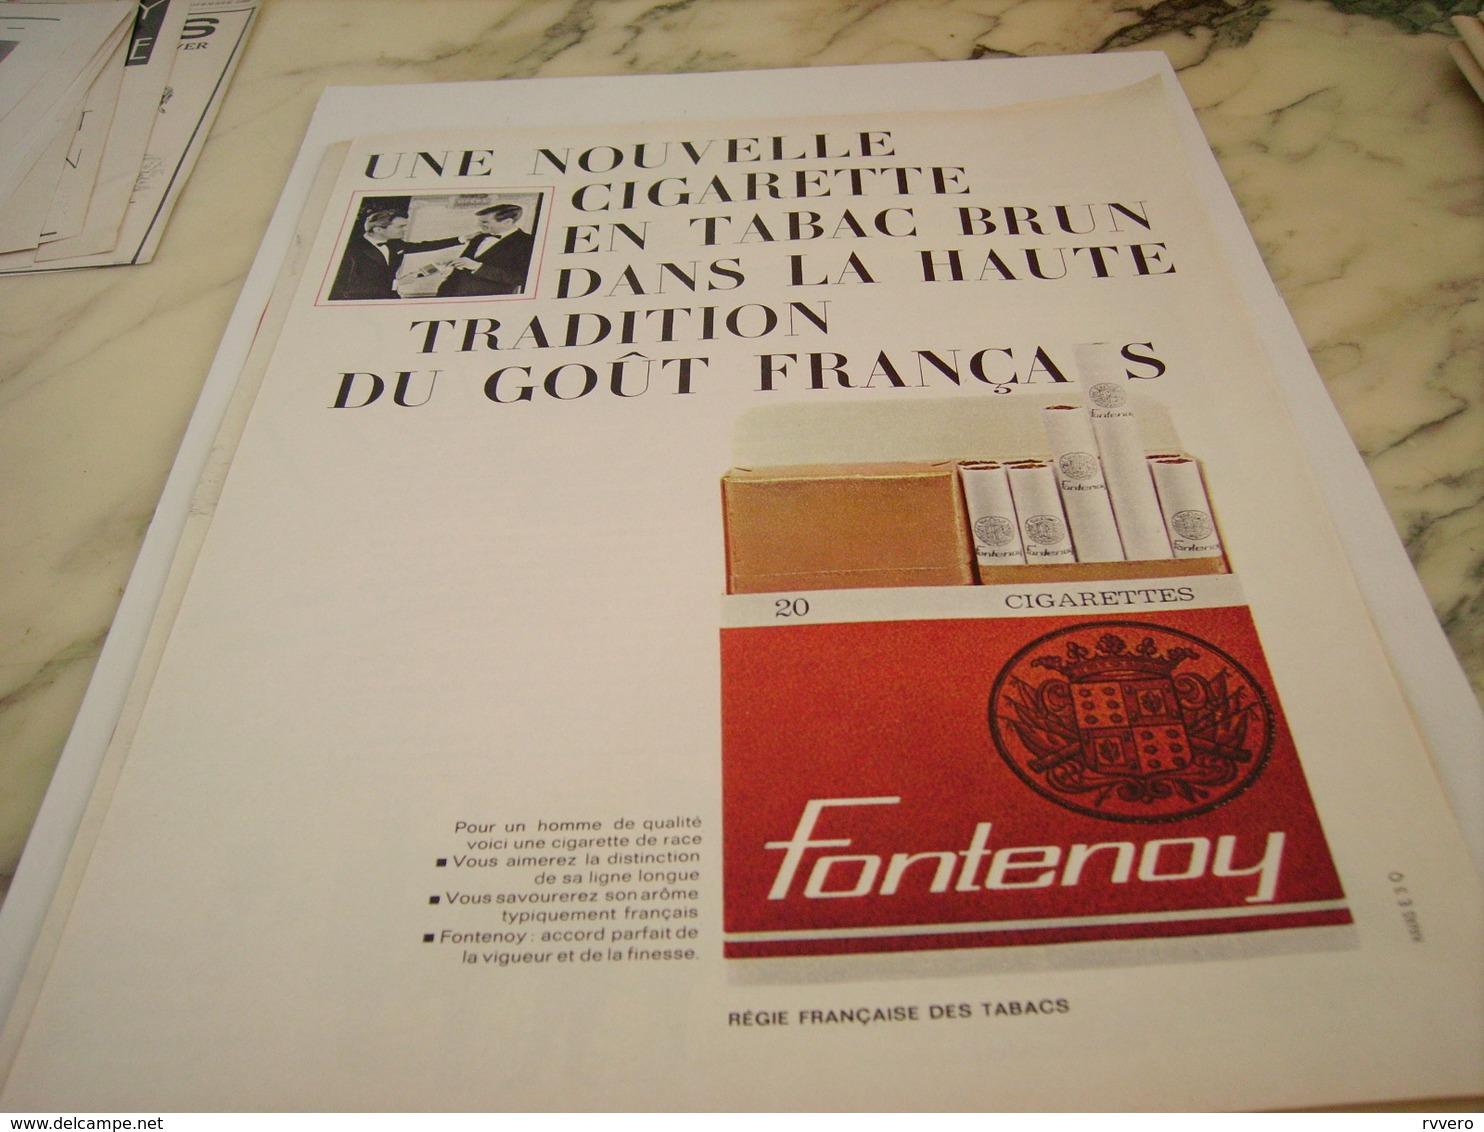 ANCIENNE PUBLICITE CIGARETTE FONTENOY TABAC BRUN 1963 - Publicités